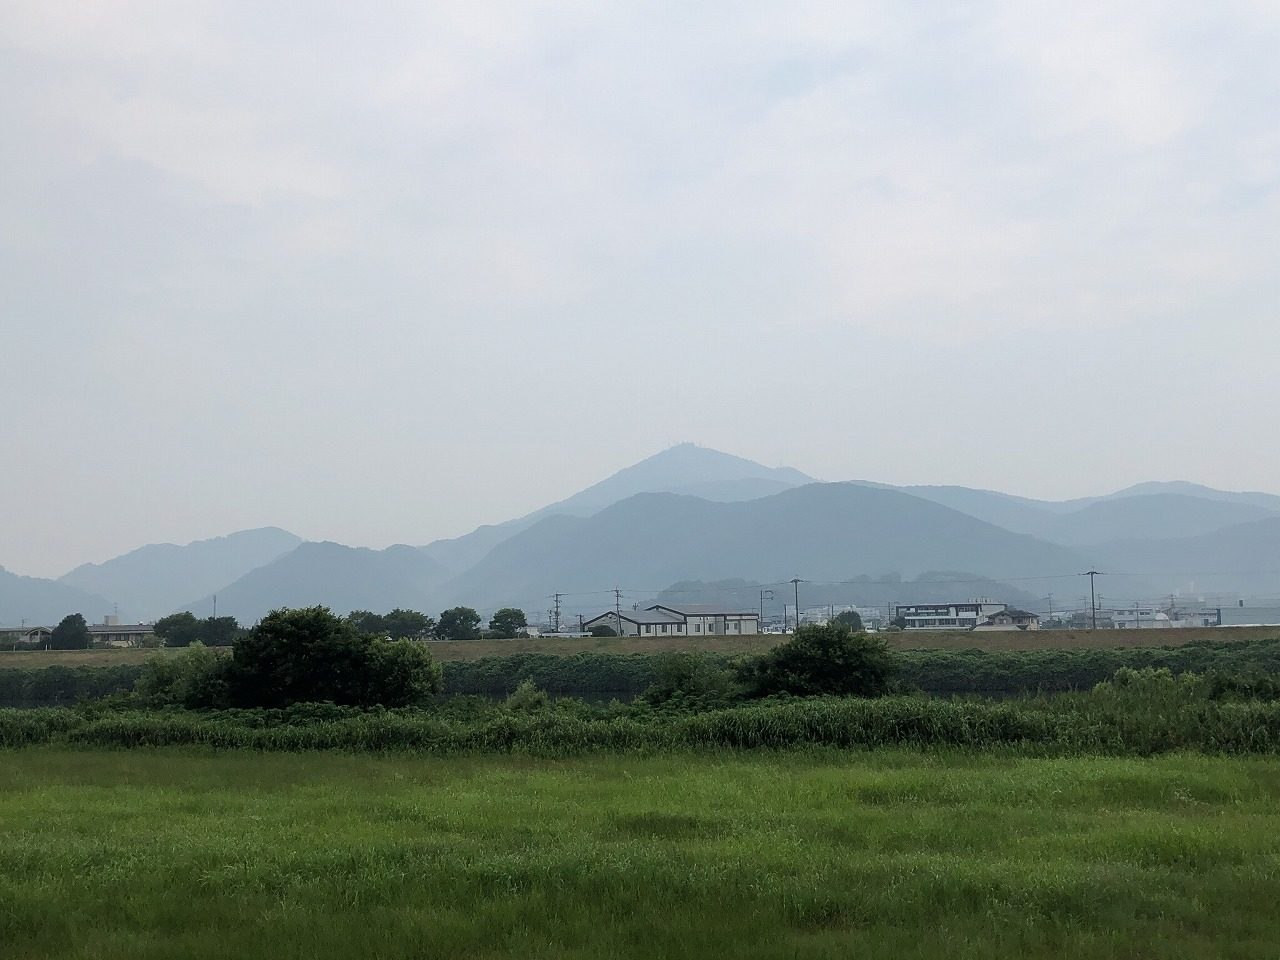 2019.7.5今朝の金峰山です。